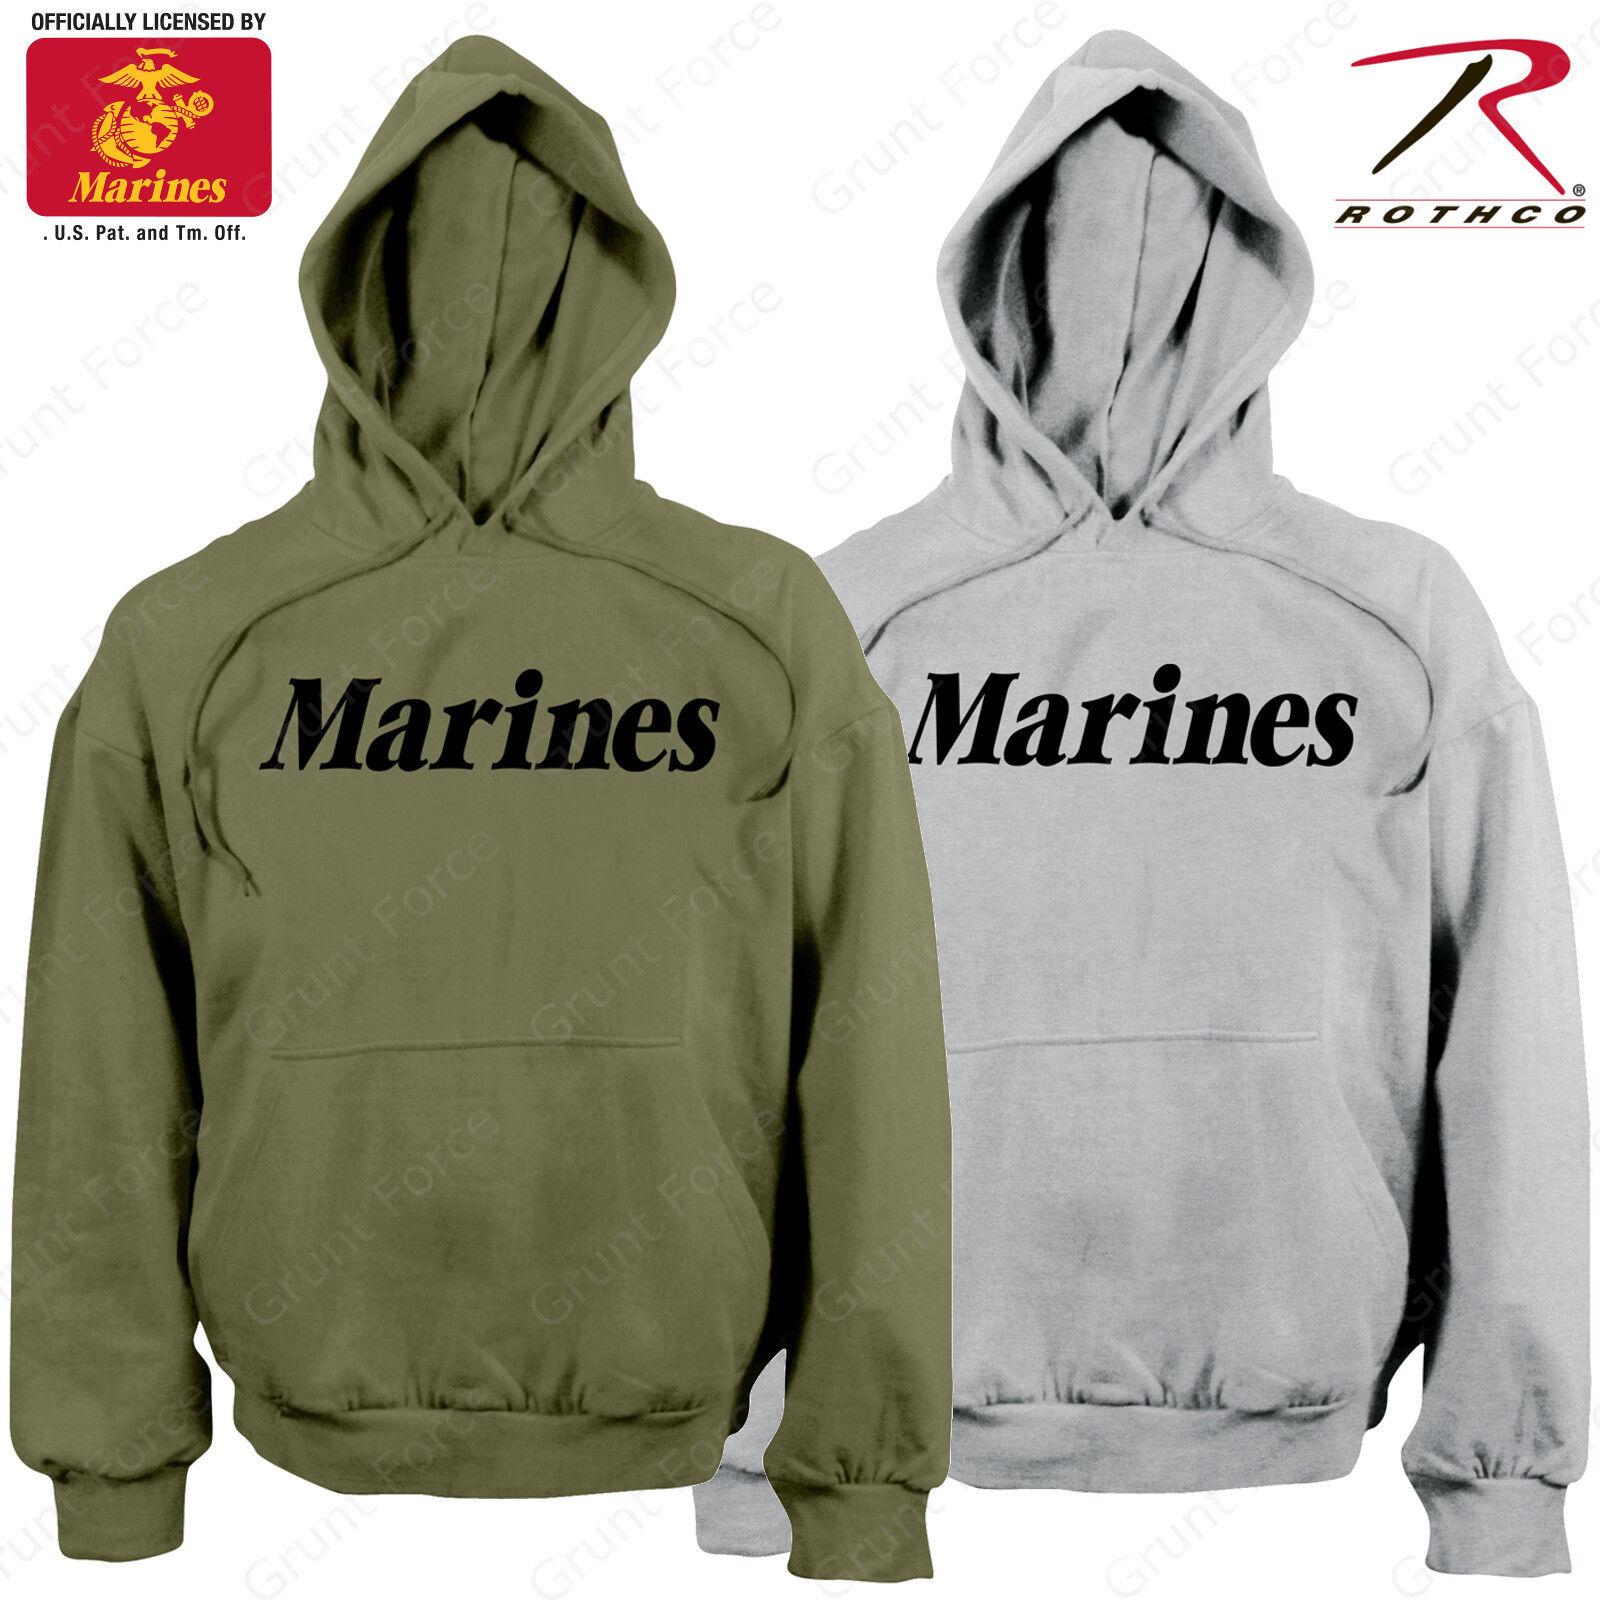 Herren Marines Pullover Hoodie Sweatshirt - Rothco OD or Grau PT Hooded Sweatshirt